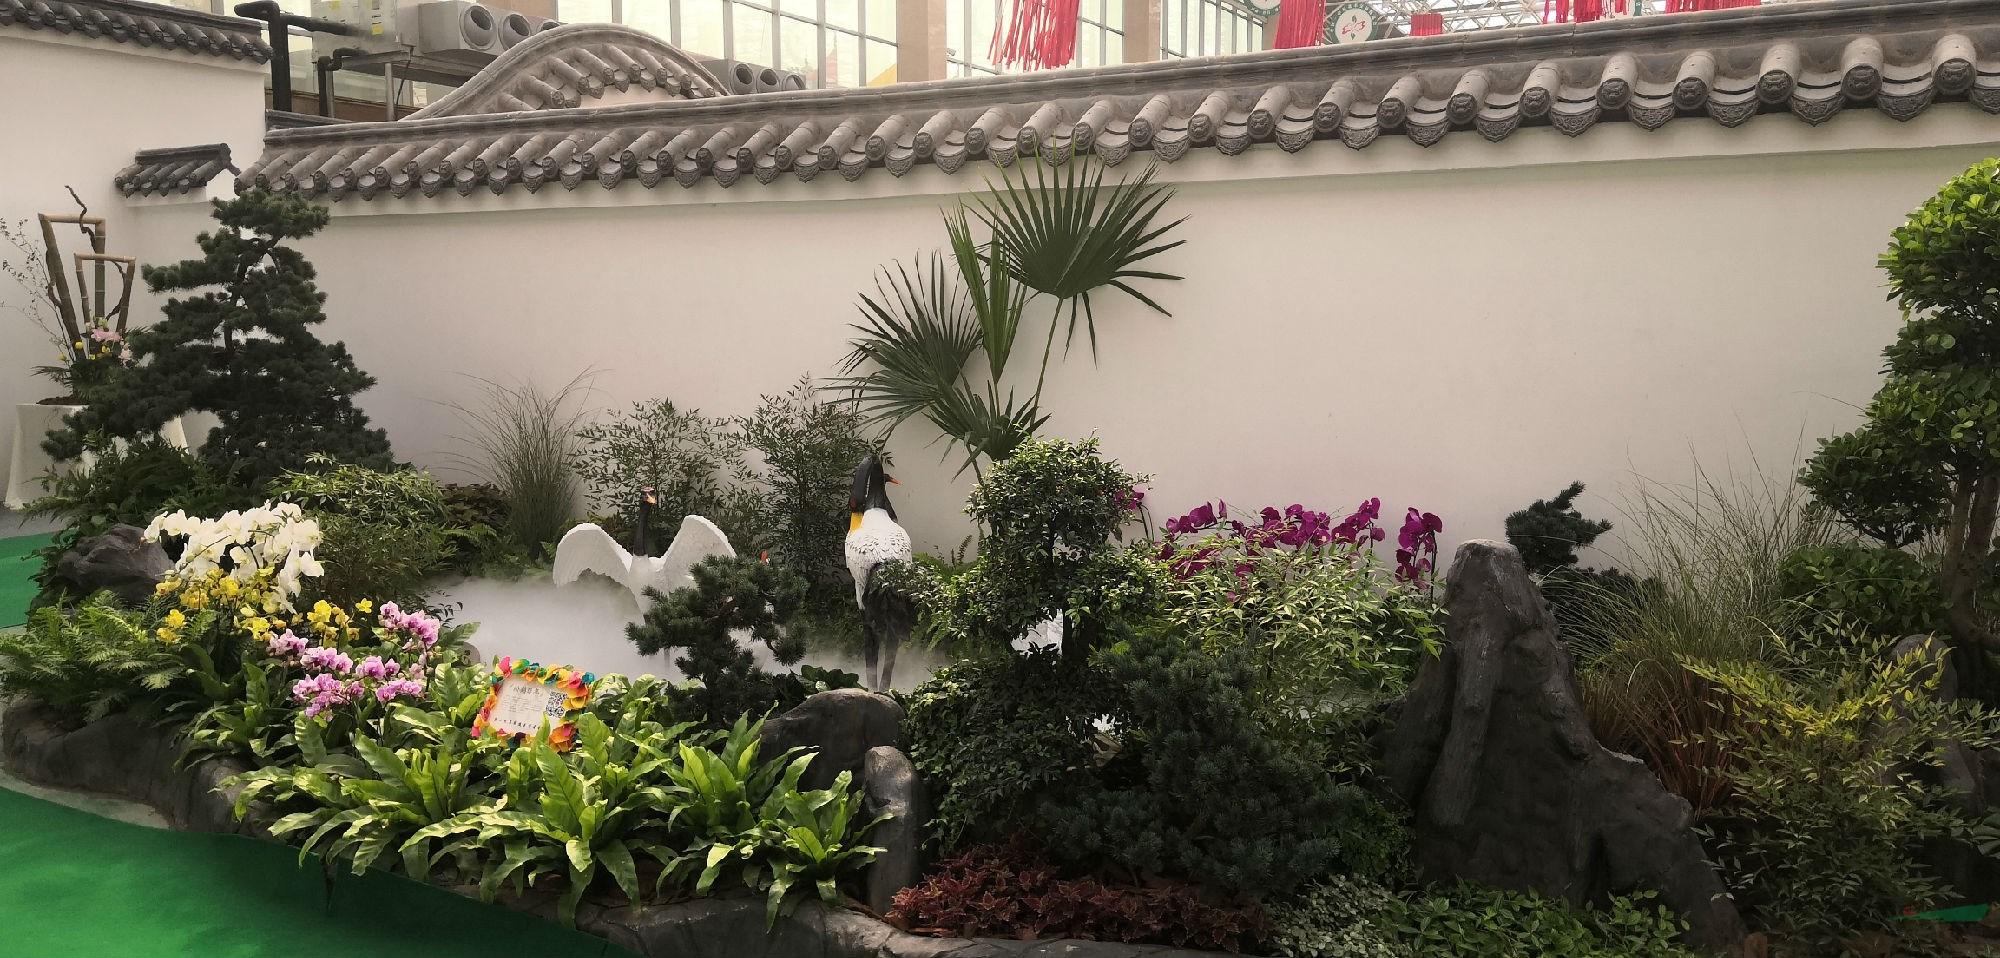 幾木園林景觀 第十九屆中國·中原花木交易博覽會開幕在即,中國園林網現場探秘,<a ><a >景觀設計</a></a> ,簡直不要太美!